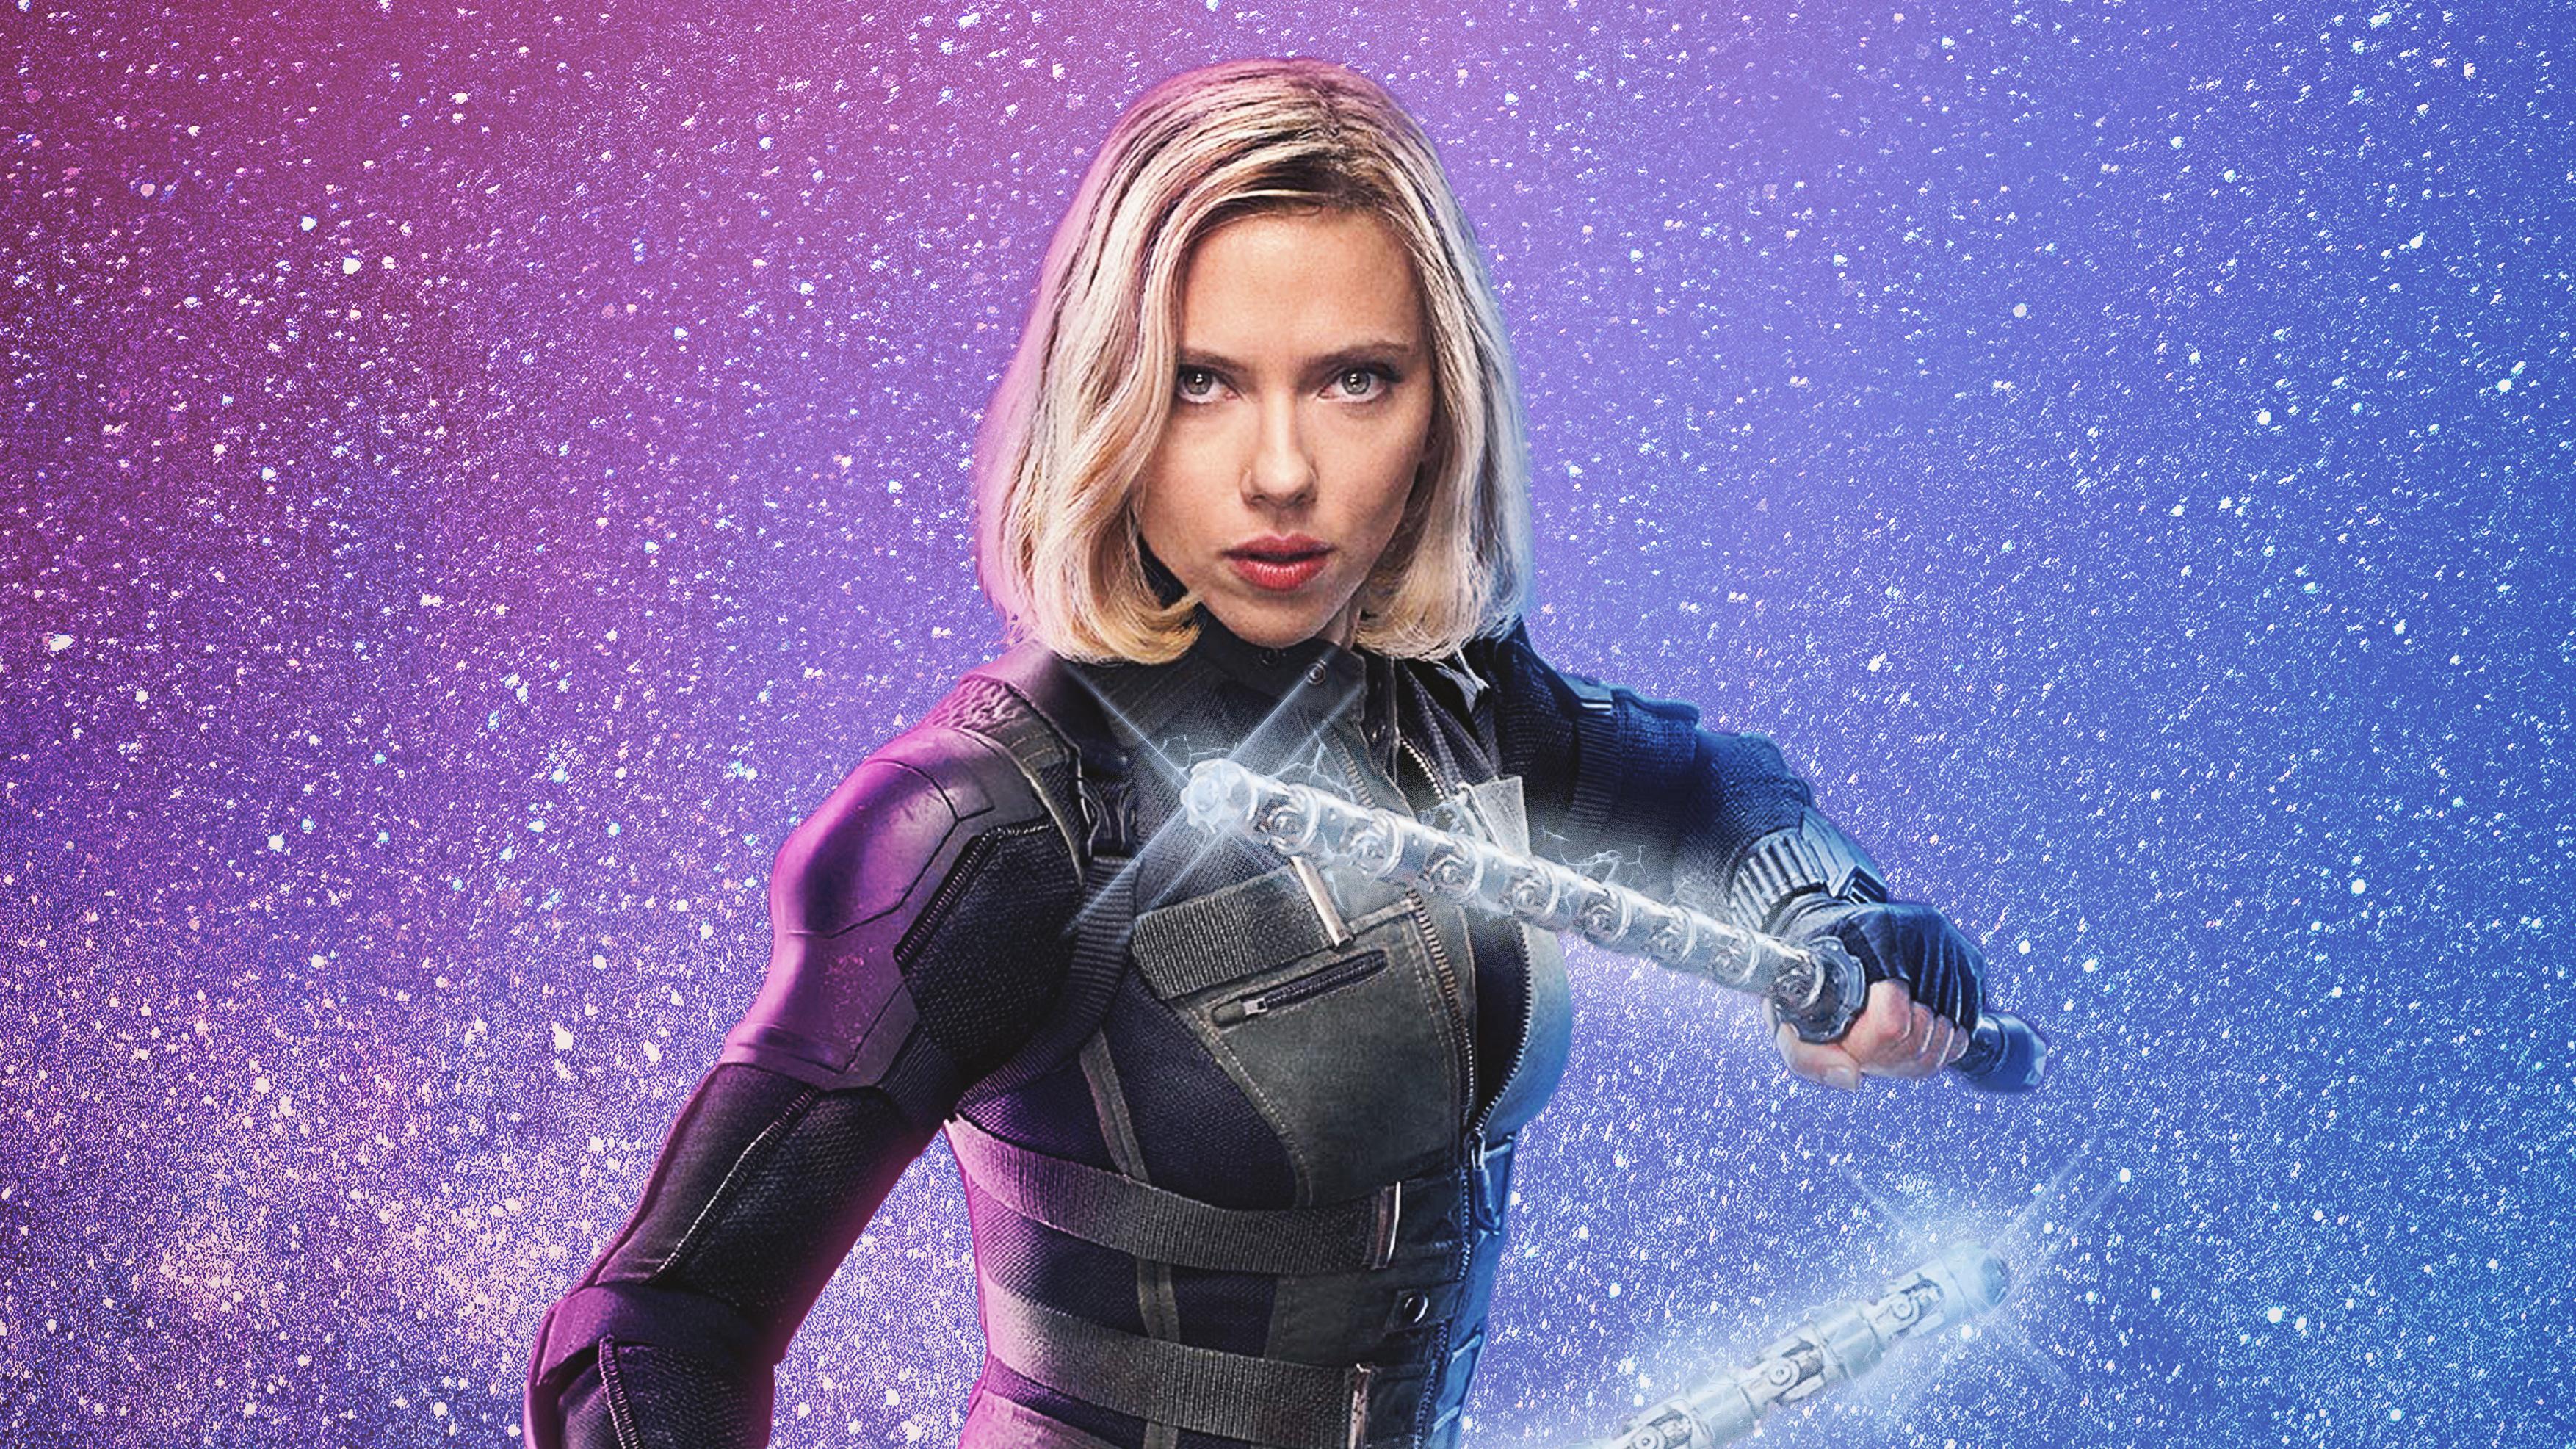 Avengers Infinity War Black Widow 4k, HD Superheroes, 4k ...